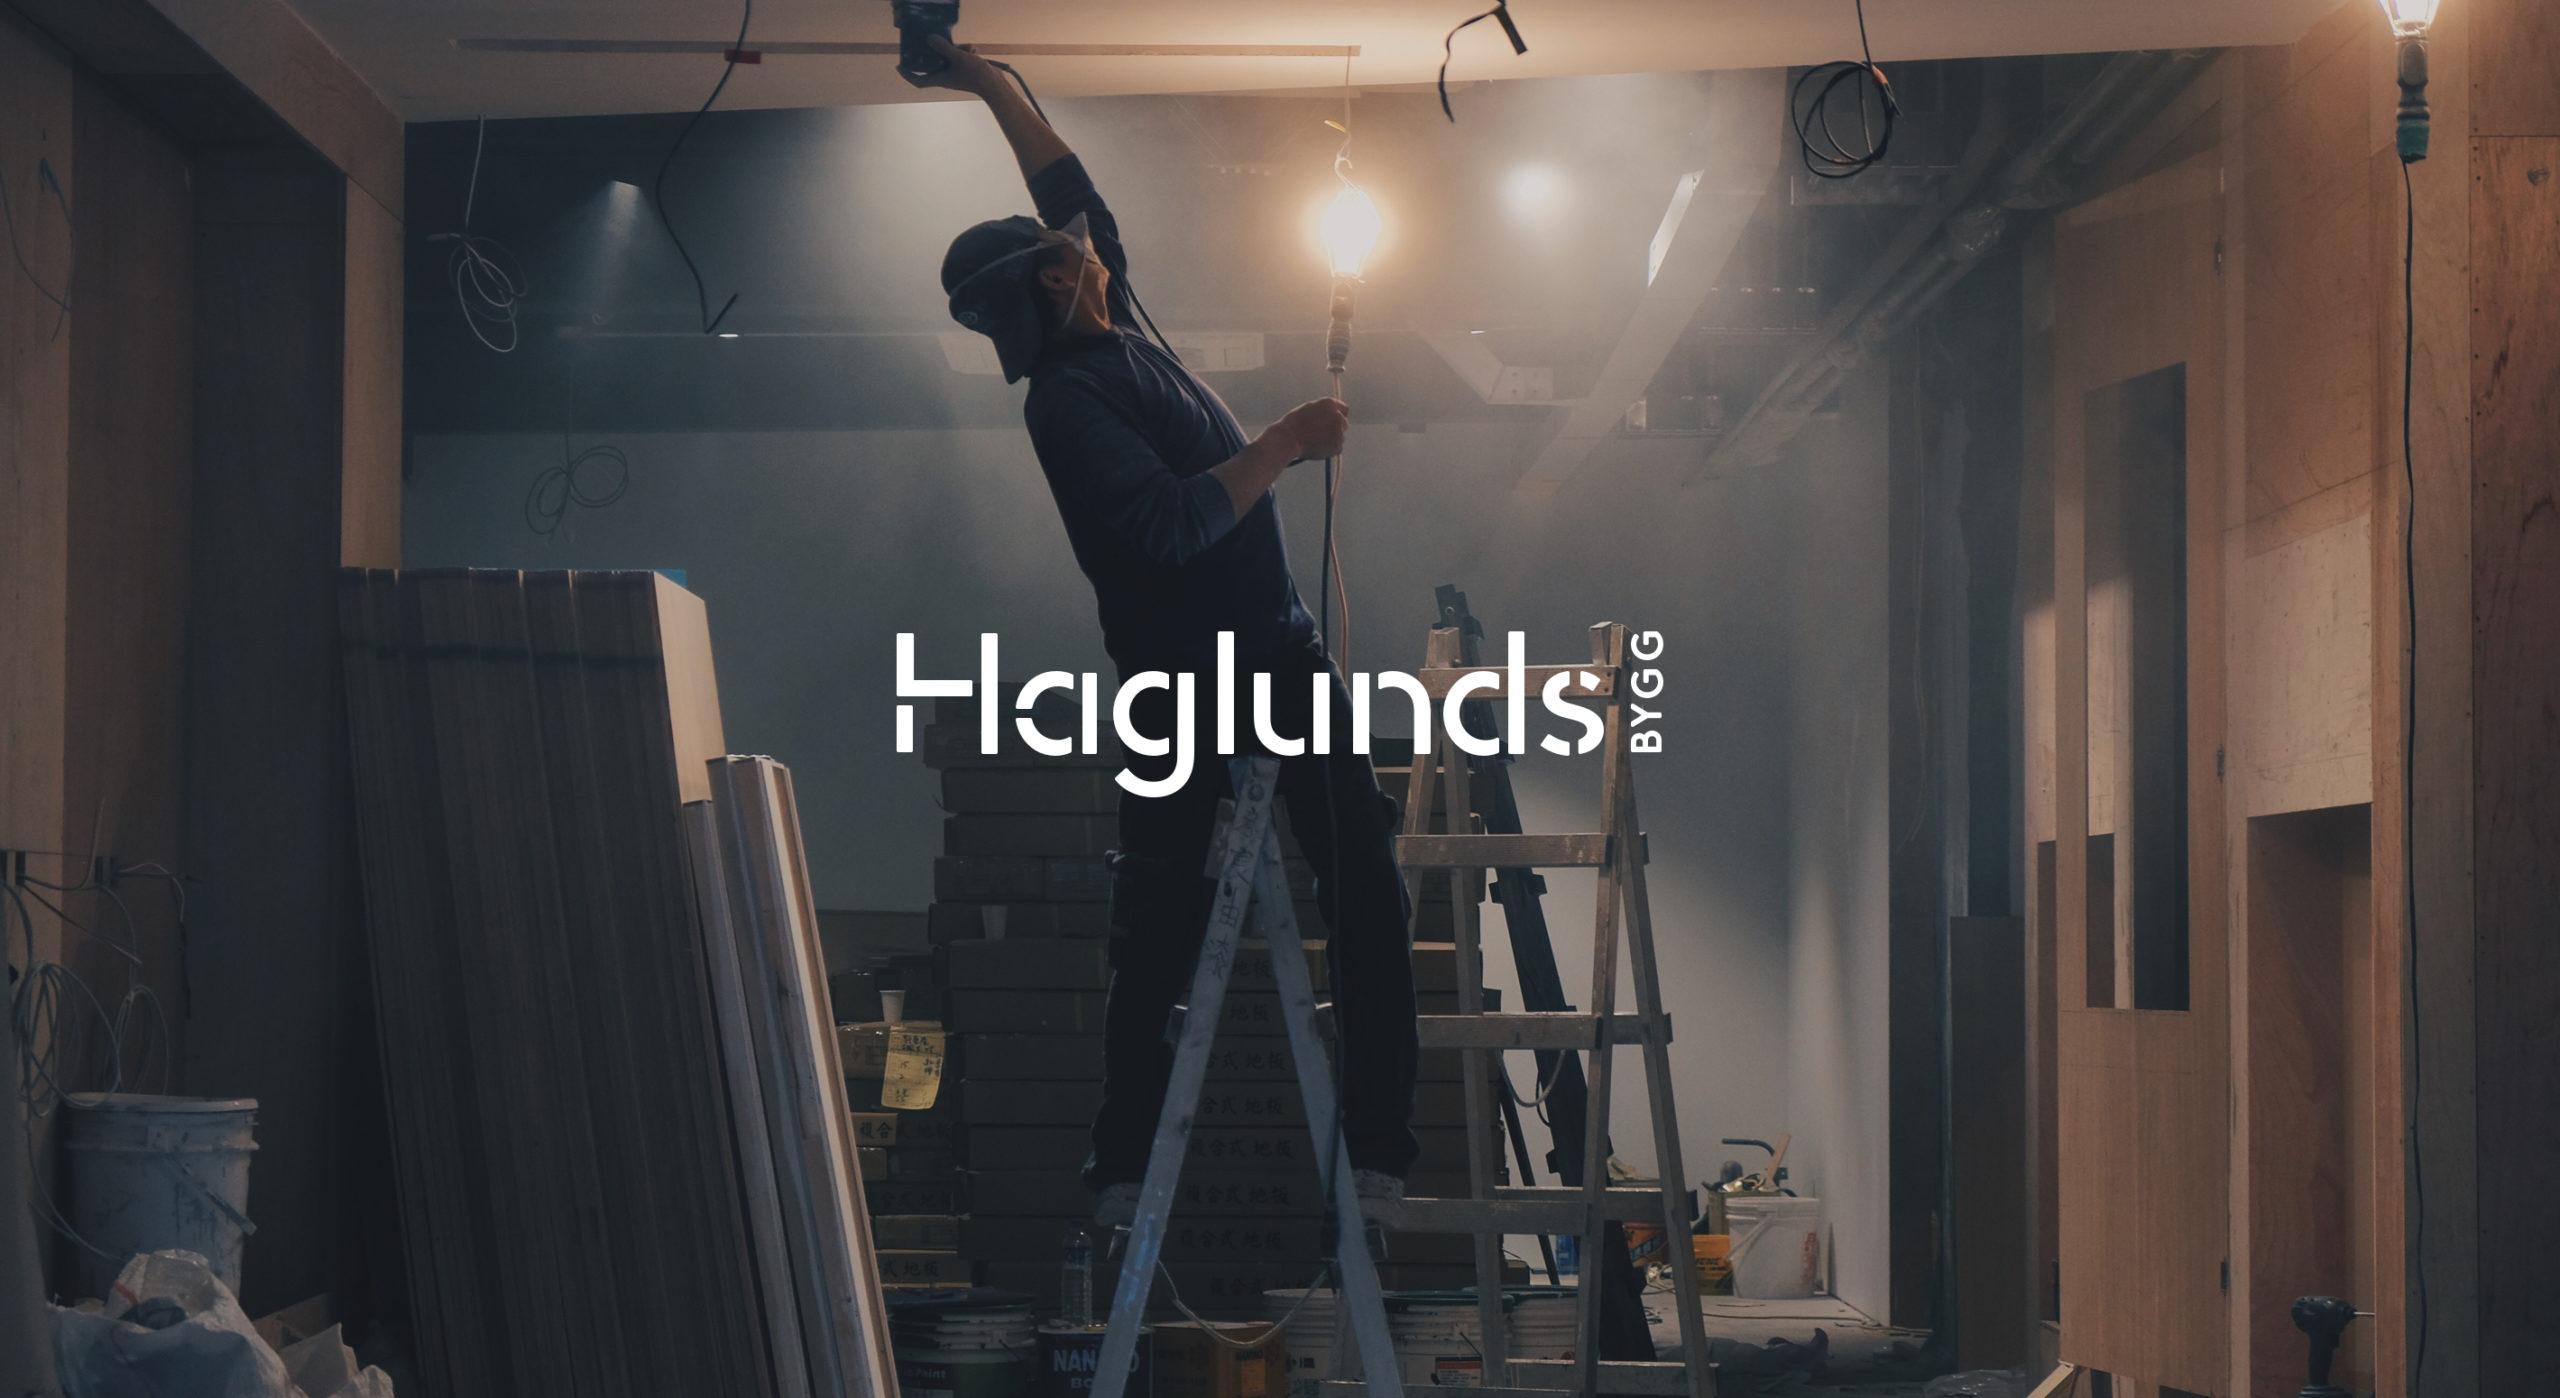 Haglunds_1ST-L1